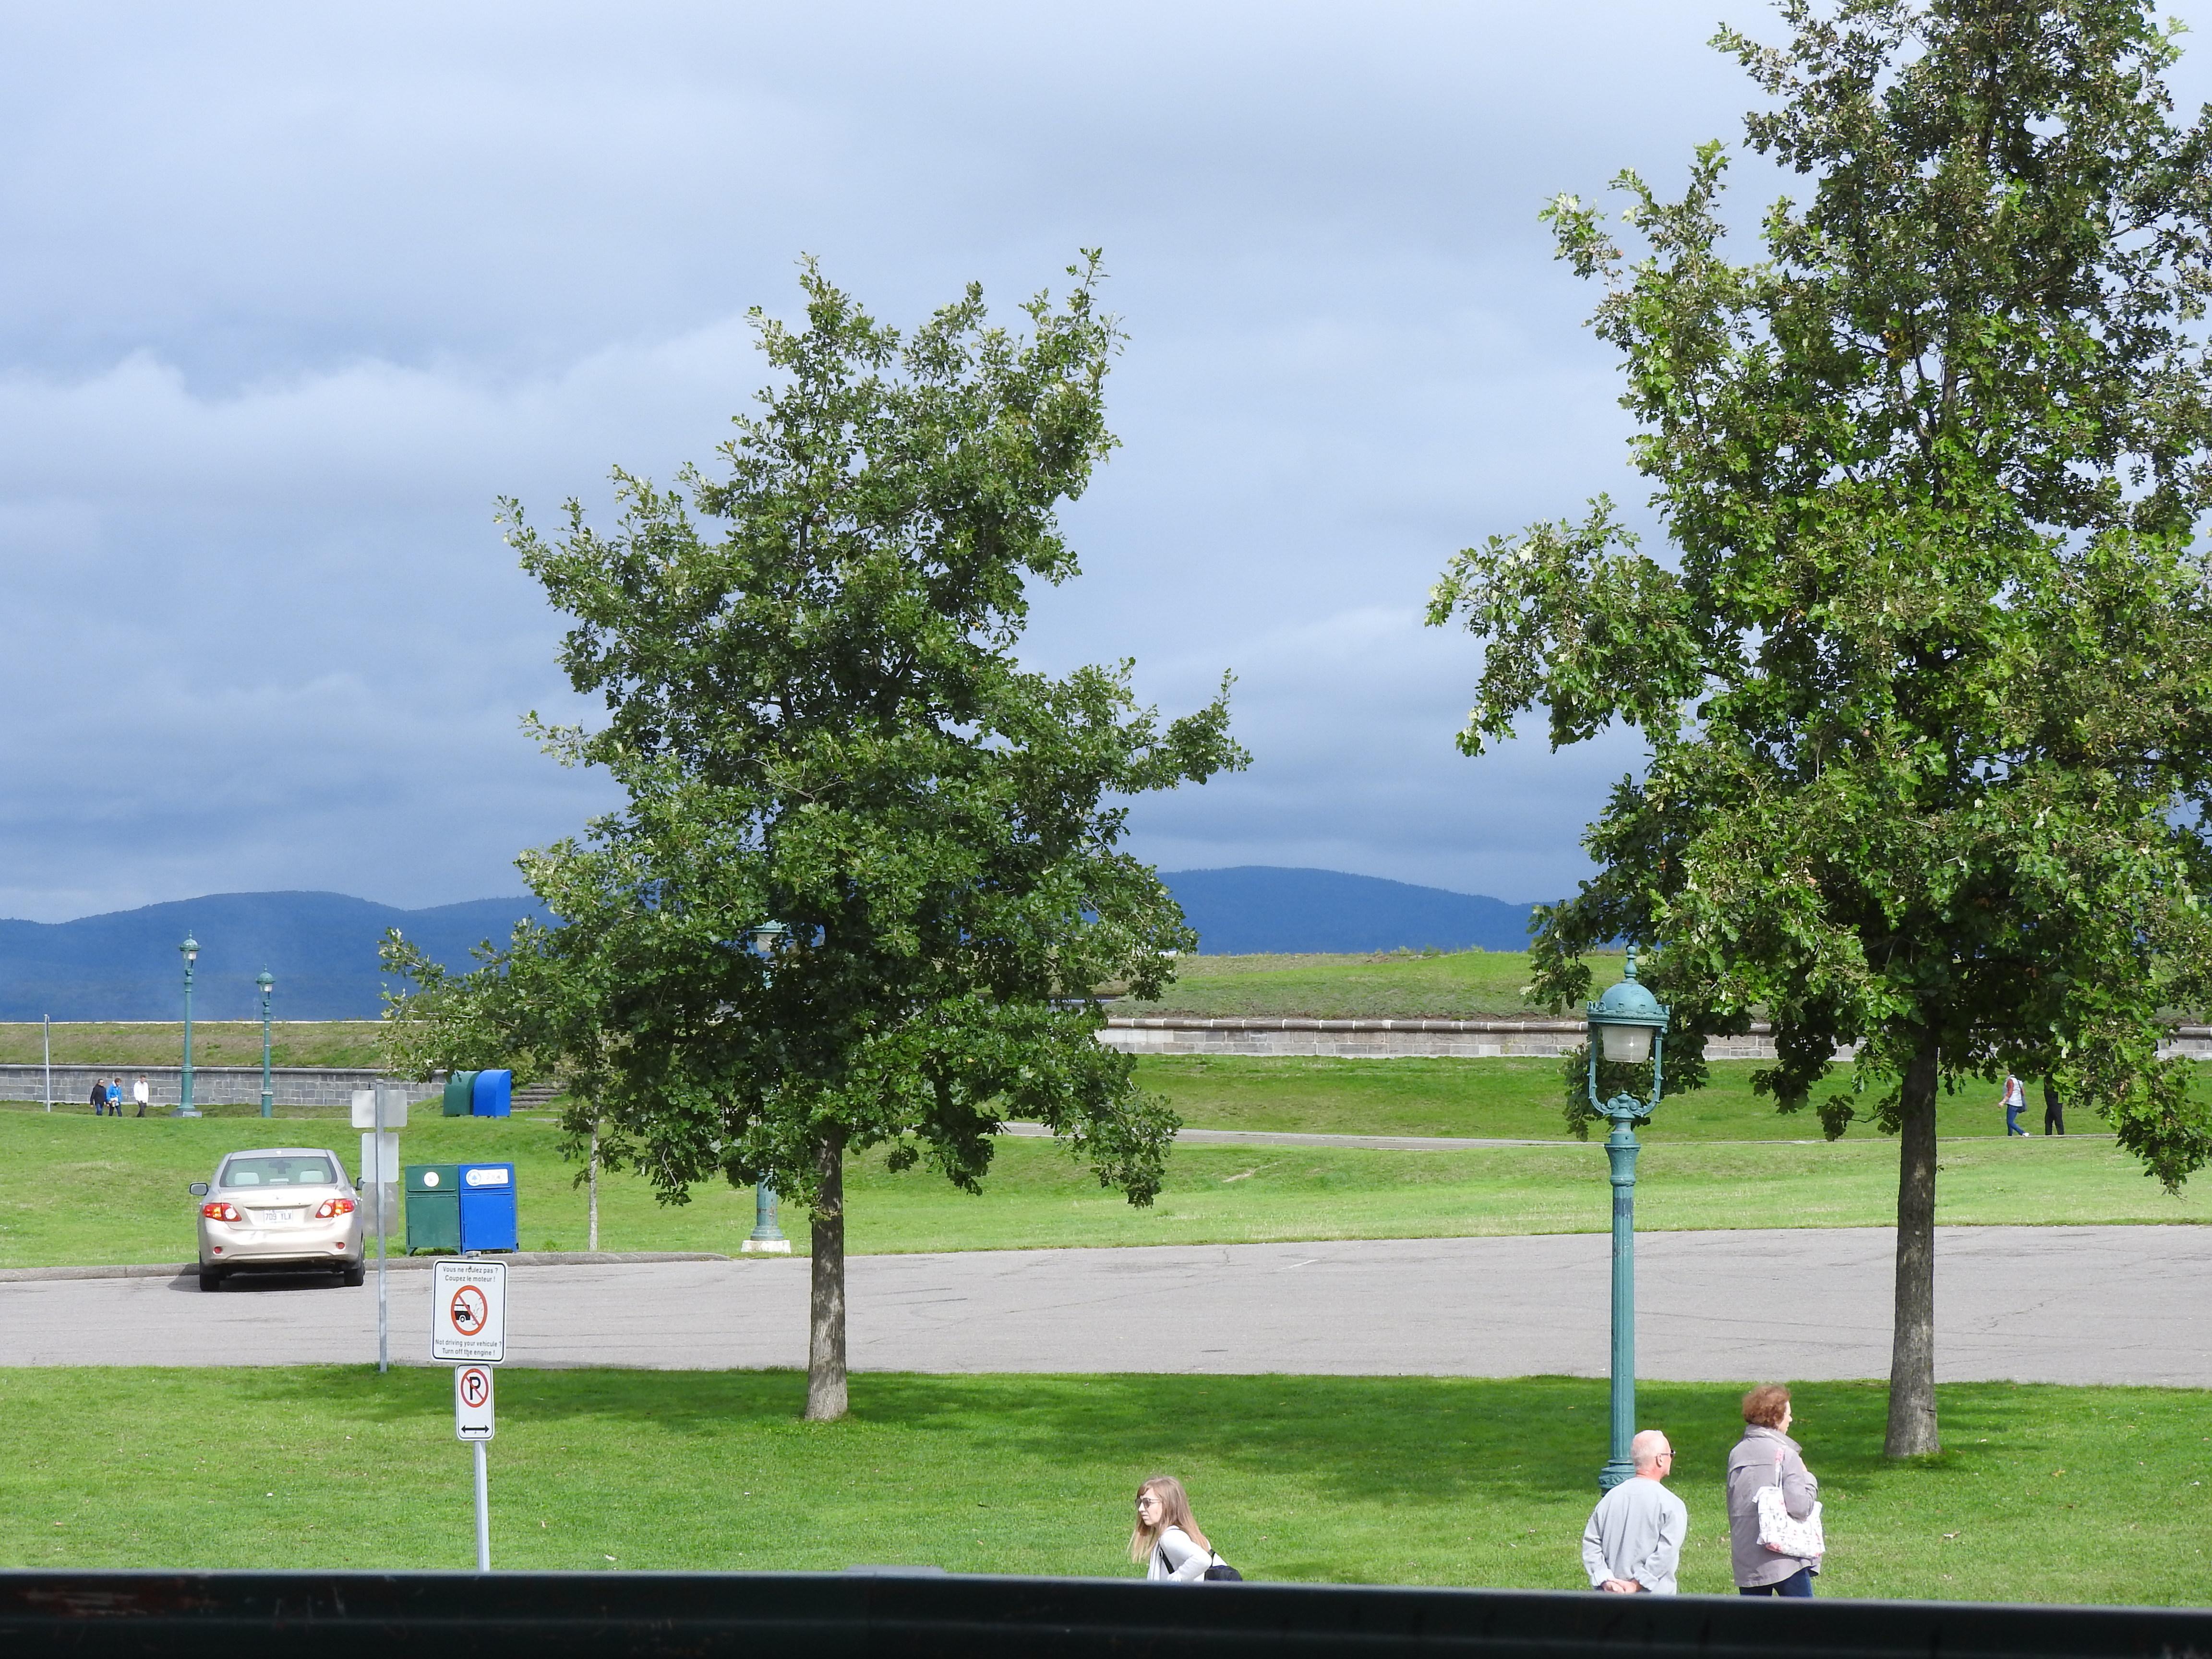 ケベックシティ 戦場公園 おすすめ観光 シタデル